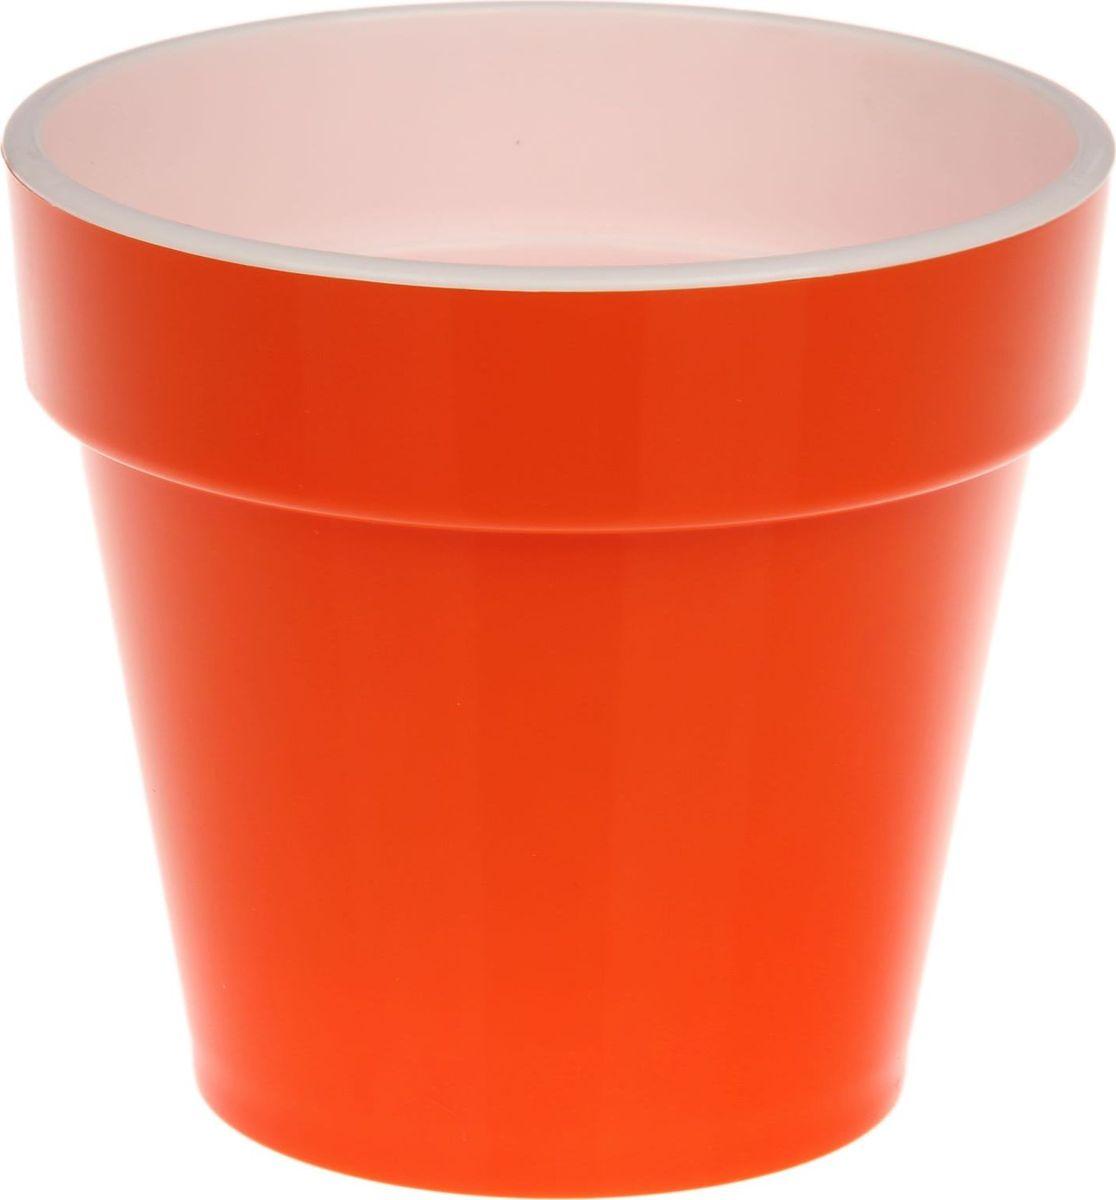 Кашпо JetPlast Порто, со вставкой, цвет: оранжевый, 2,4 л4612754052479Любой, даже самый современный и продуманный интерьер будет незавершённым без растений. Они не только очищают воздух и насыщают его кислородом, но и украшают окружающее пространство. Такому полезному члену семьи просто необходим красивый и функциональный дом! Мы предлагаем #name#! Оптимальный выбор материала — пластмасса! Почему мы так считаем?Малый вес. С лёгкостью переносите горшки и кашпо с места на место, ставьте их на столики или полки, не беспокоясь о нагрузке. Простота ухода. Кашпо не нуждается в специальных условиях хранения. Его легко чистить — достаточно просто сполоснуть тёплой водой. Никаких потёртостей. Такие кашпо не царапают и не загрязняют поверхности, на которых стоят. Пластик дольше хранит влагу, а значит, растение реже нуждается в поливе. Пластмасса не пропускает воздух — корневой системе растения не грозят резкие перепады температур. Огромный выбор форм, декора и расцветок — вы без труда найдёте что-то, что идеально впишется в уже существующий интерьер. Соблюдая нехитрые правила ухода, вы можете заметно продлить срок службы горшков и кашпо из пластика:всегда учитывайте размер кроны и корневой системы (при разрастании большое растение способно повредить маленький горшок)берегите изделие от воздействия прямых солнечных лучей, чтобы горшки не выцветалидержите кашпо из пластика подальше от нагревающихся поверхностей. Создавайте прекрасные цветочные композиции, выращивайте рассаду или необычные растения.